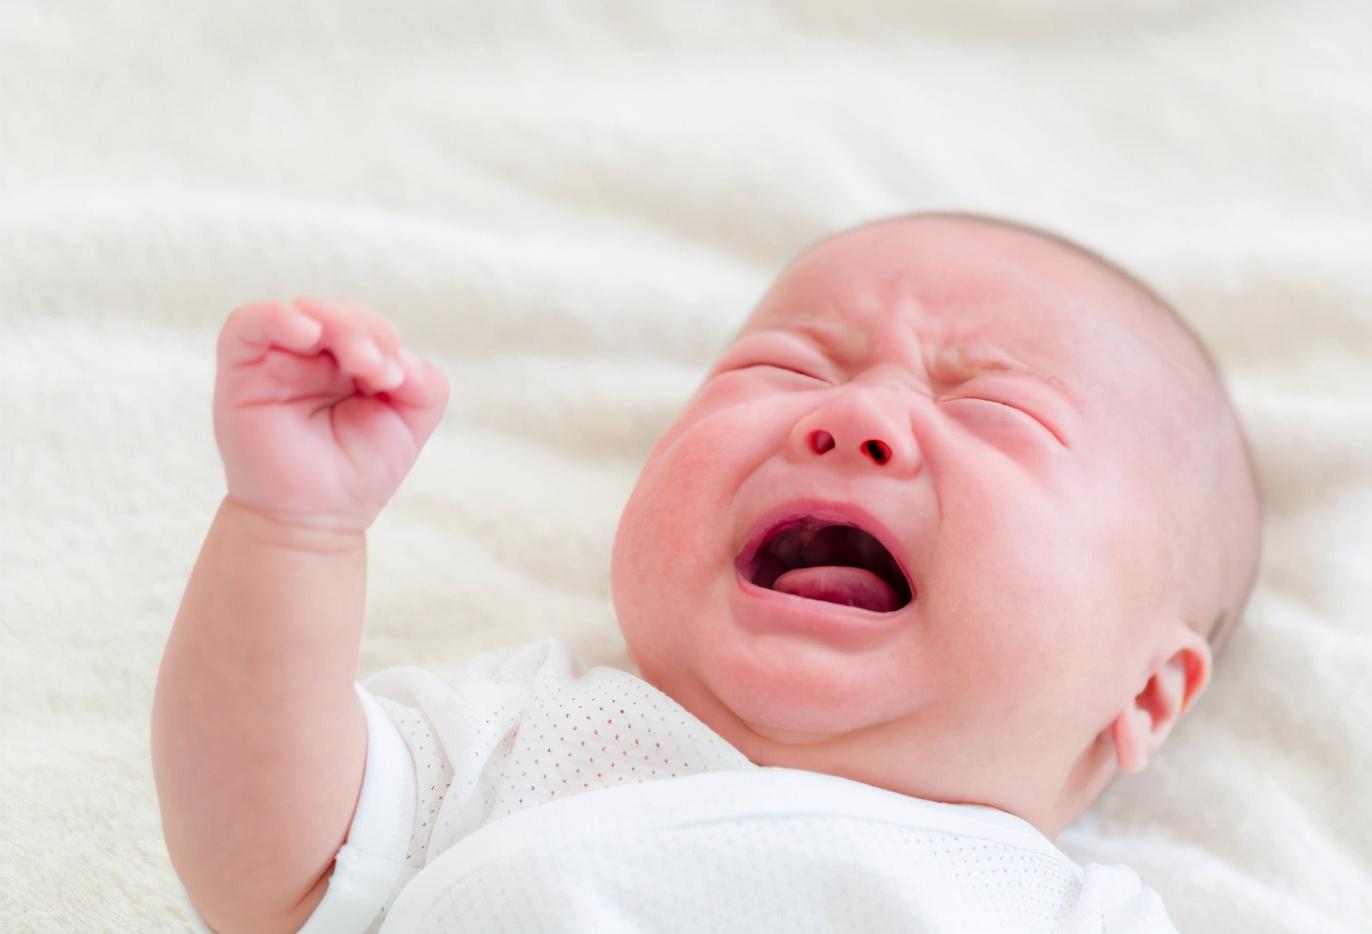 寶寶有這3種舉動奇怪,可能是在用動作告訴你,他們身體不舒服了